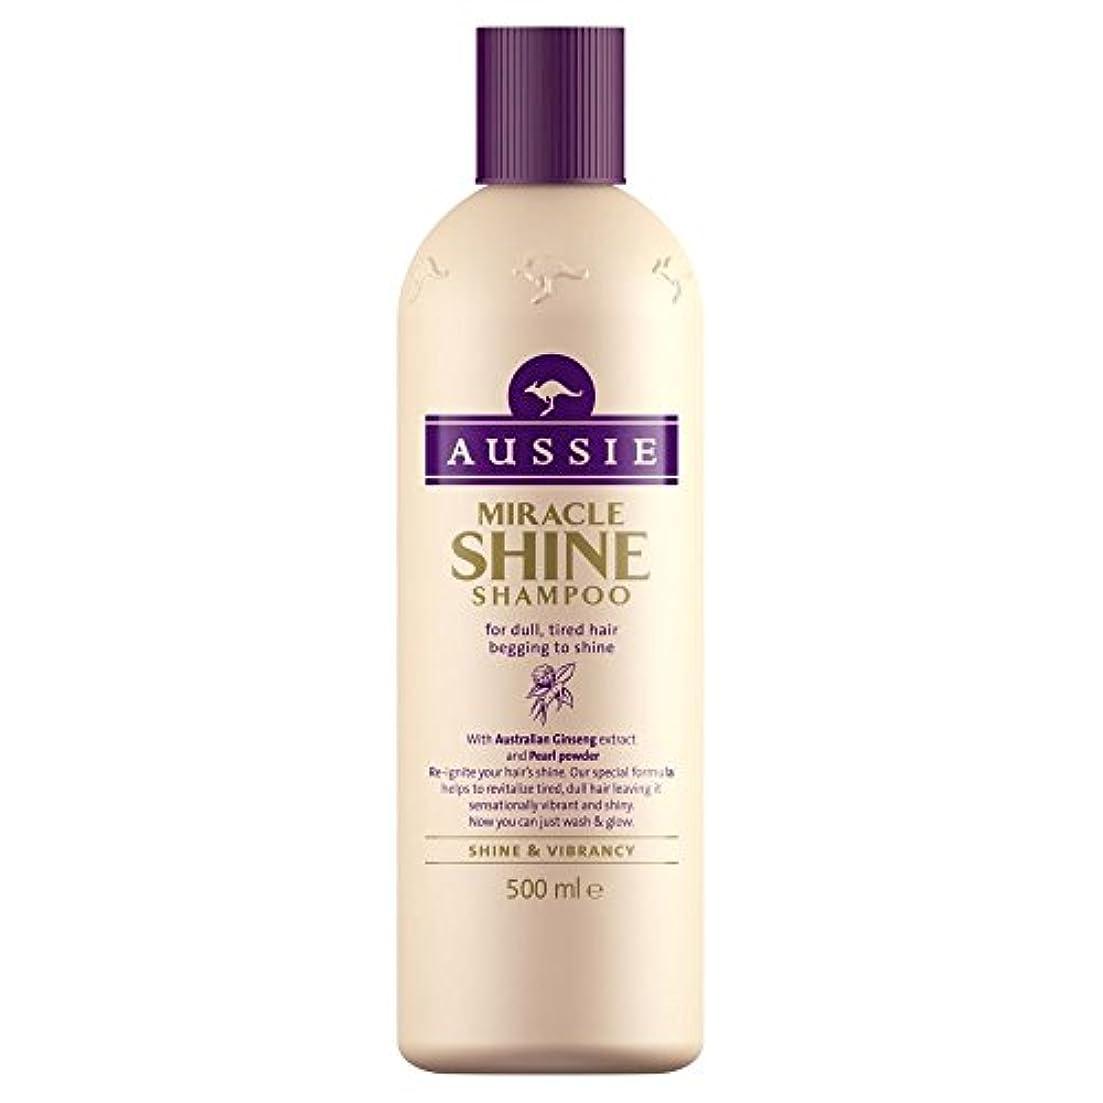 聖域ワイド批判Aussie Miracle Shine Shampoo (500ml) オージー奇跡の輝きシャンプー( 500ミリリットル) [並行輸入品]